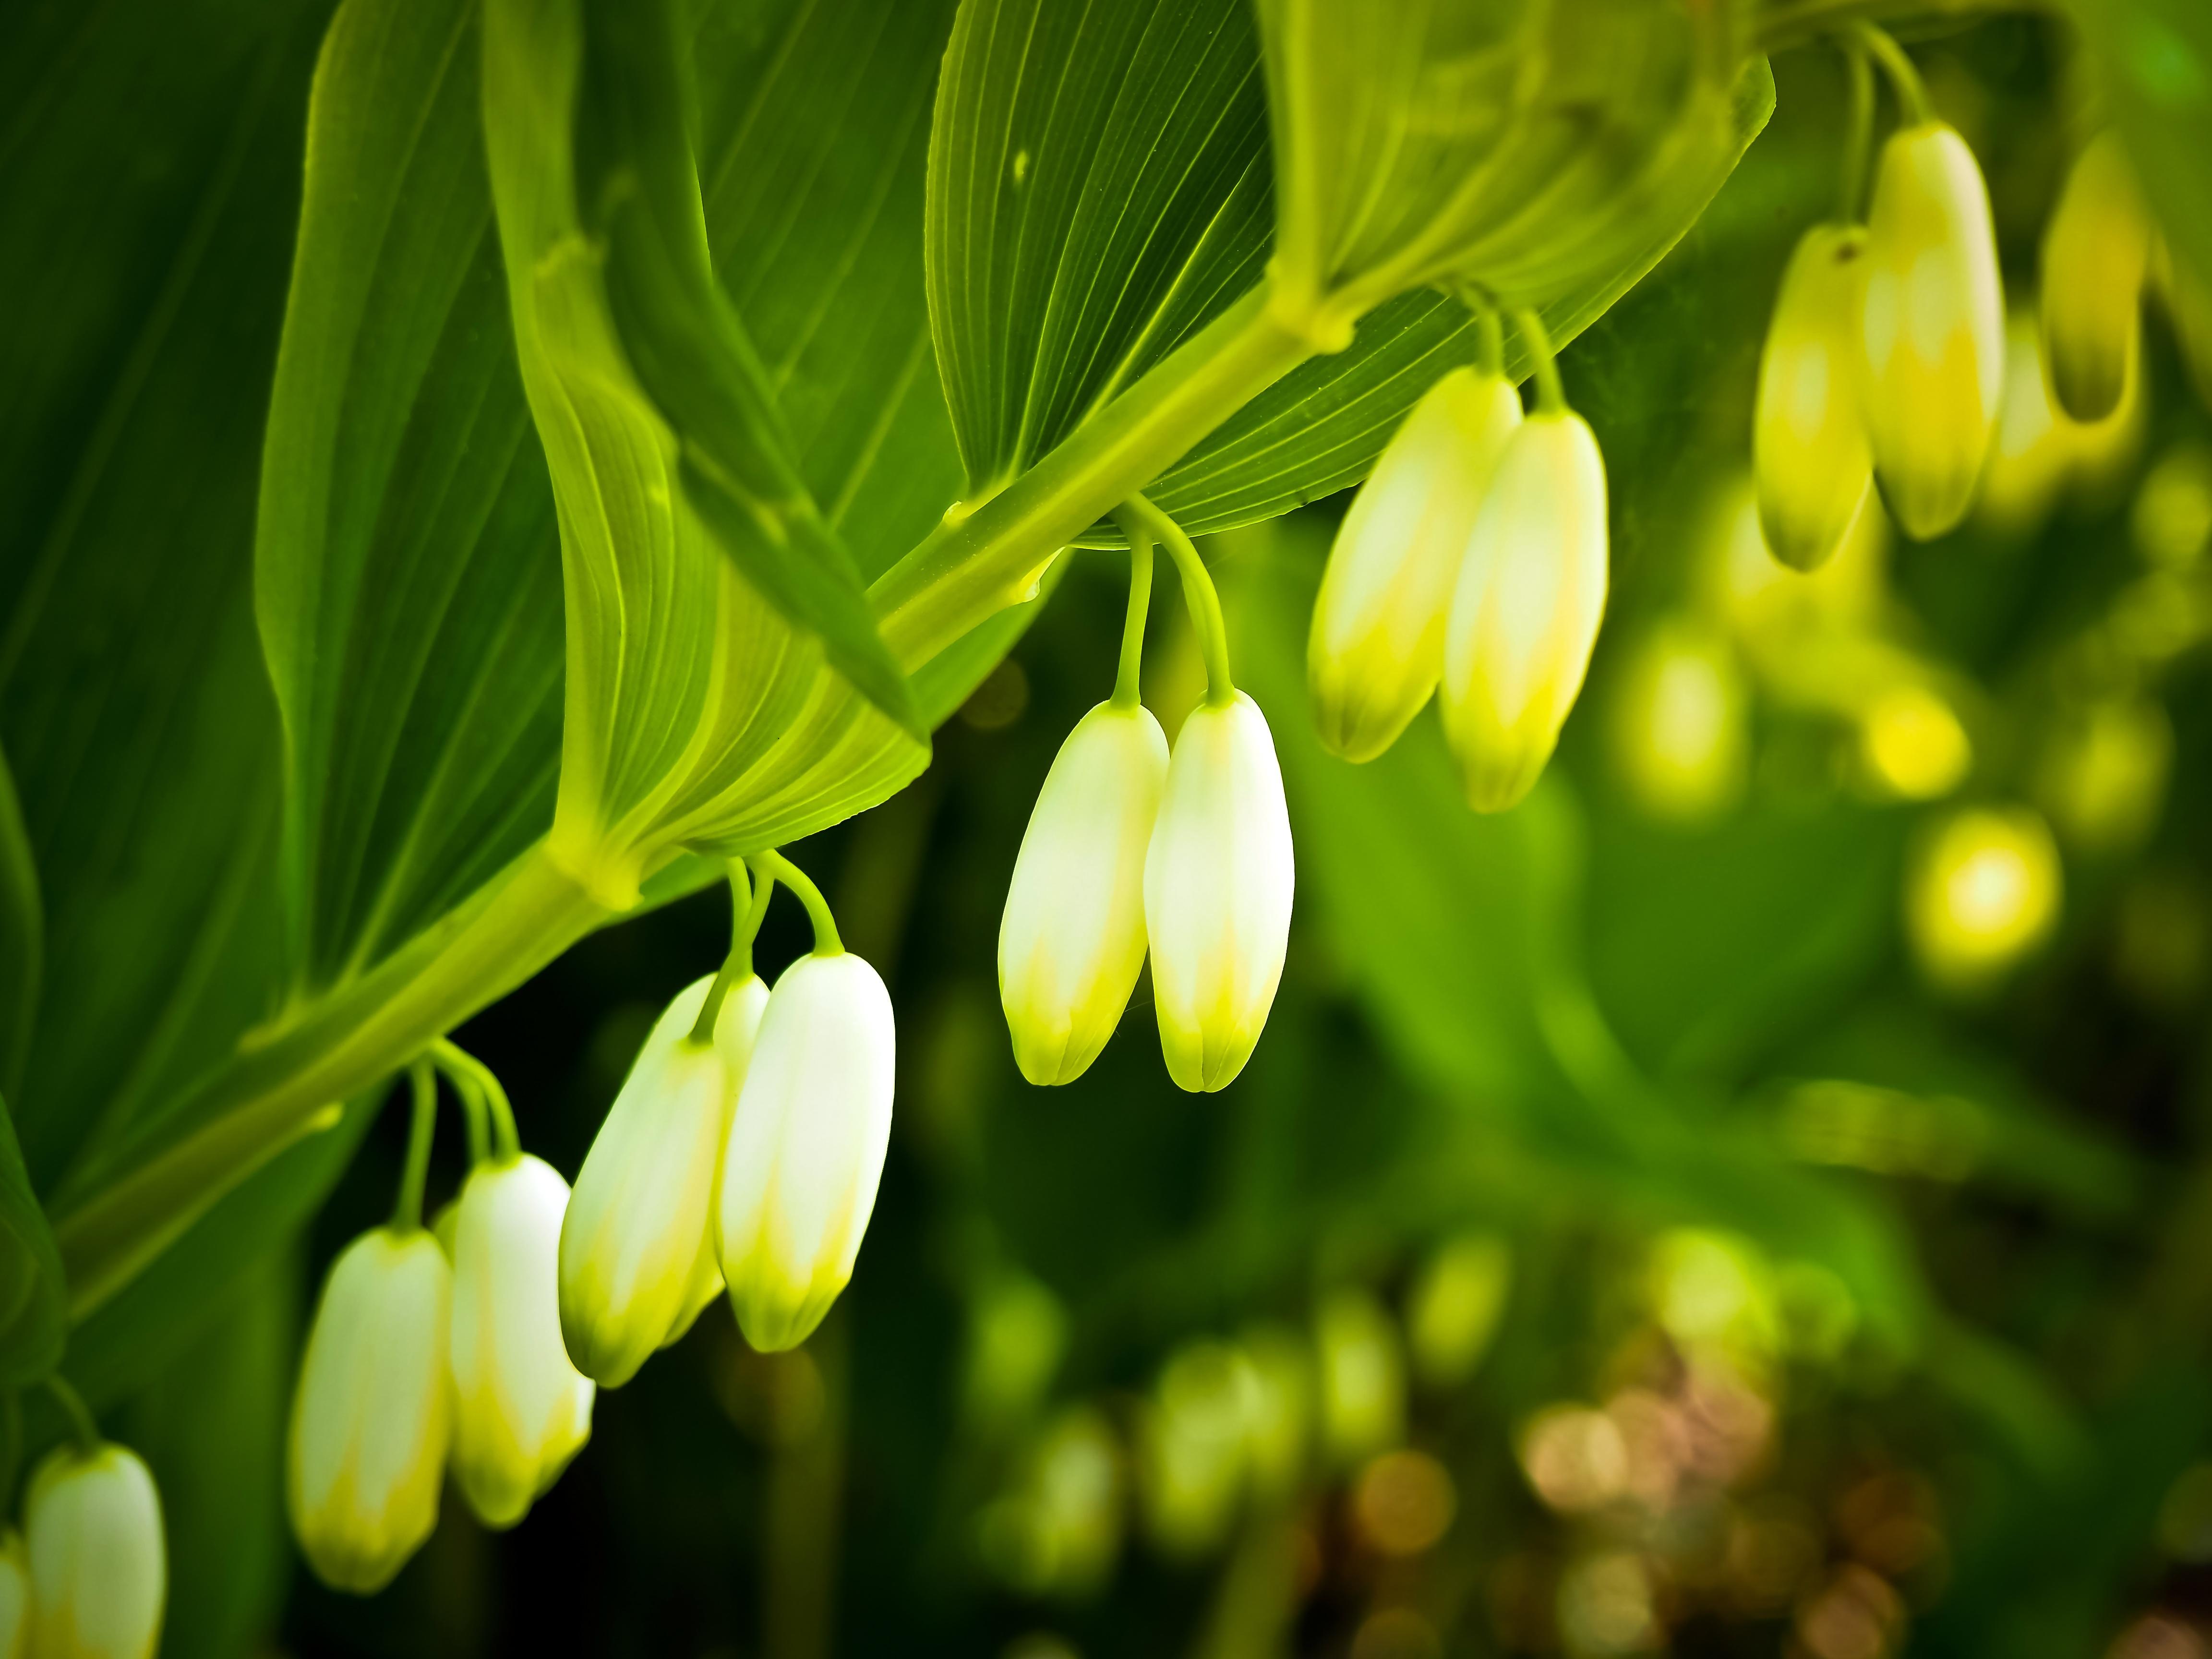 99252 Hintergrundbild herunterladen Blumen, Blätter, Maiglöckchen, Makro, Ast, Zweig - Bildschirmschoner und Bilder kostenlos